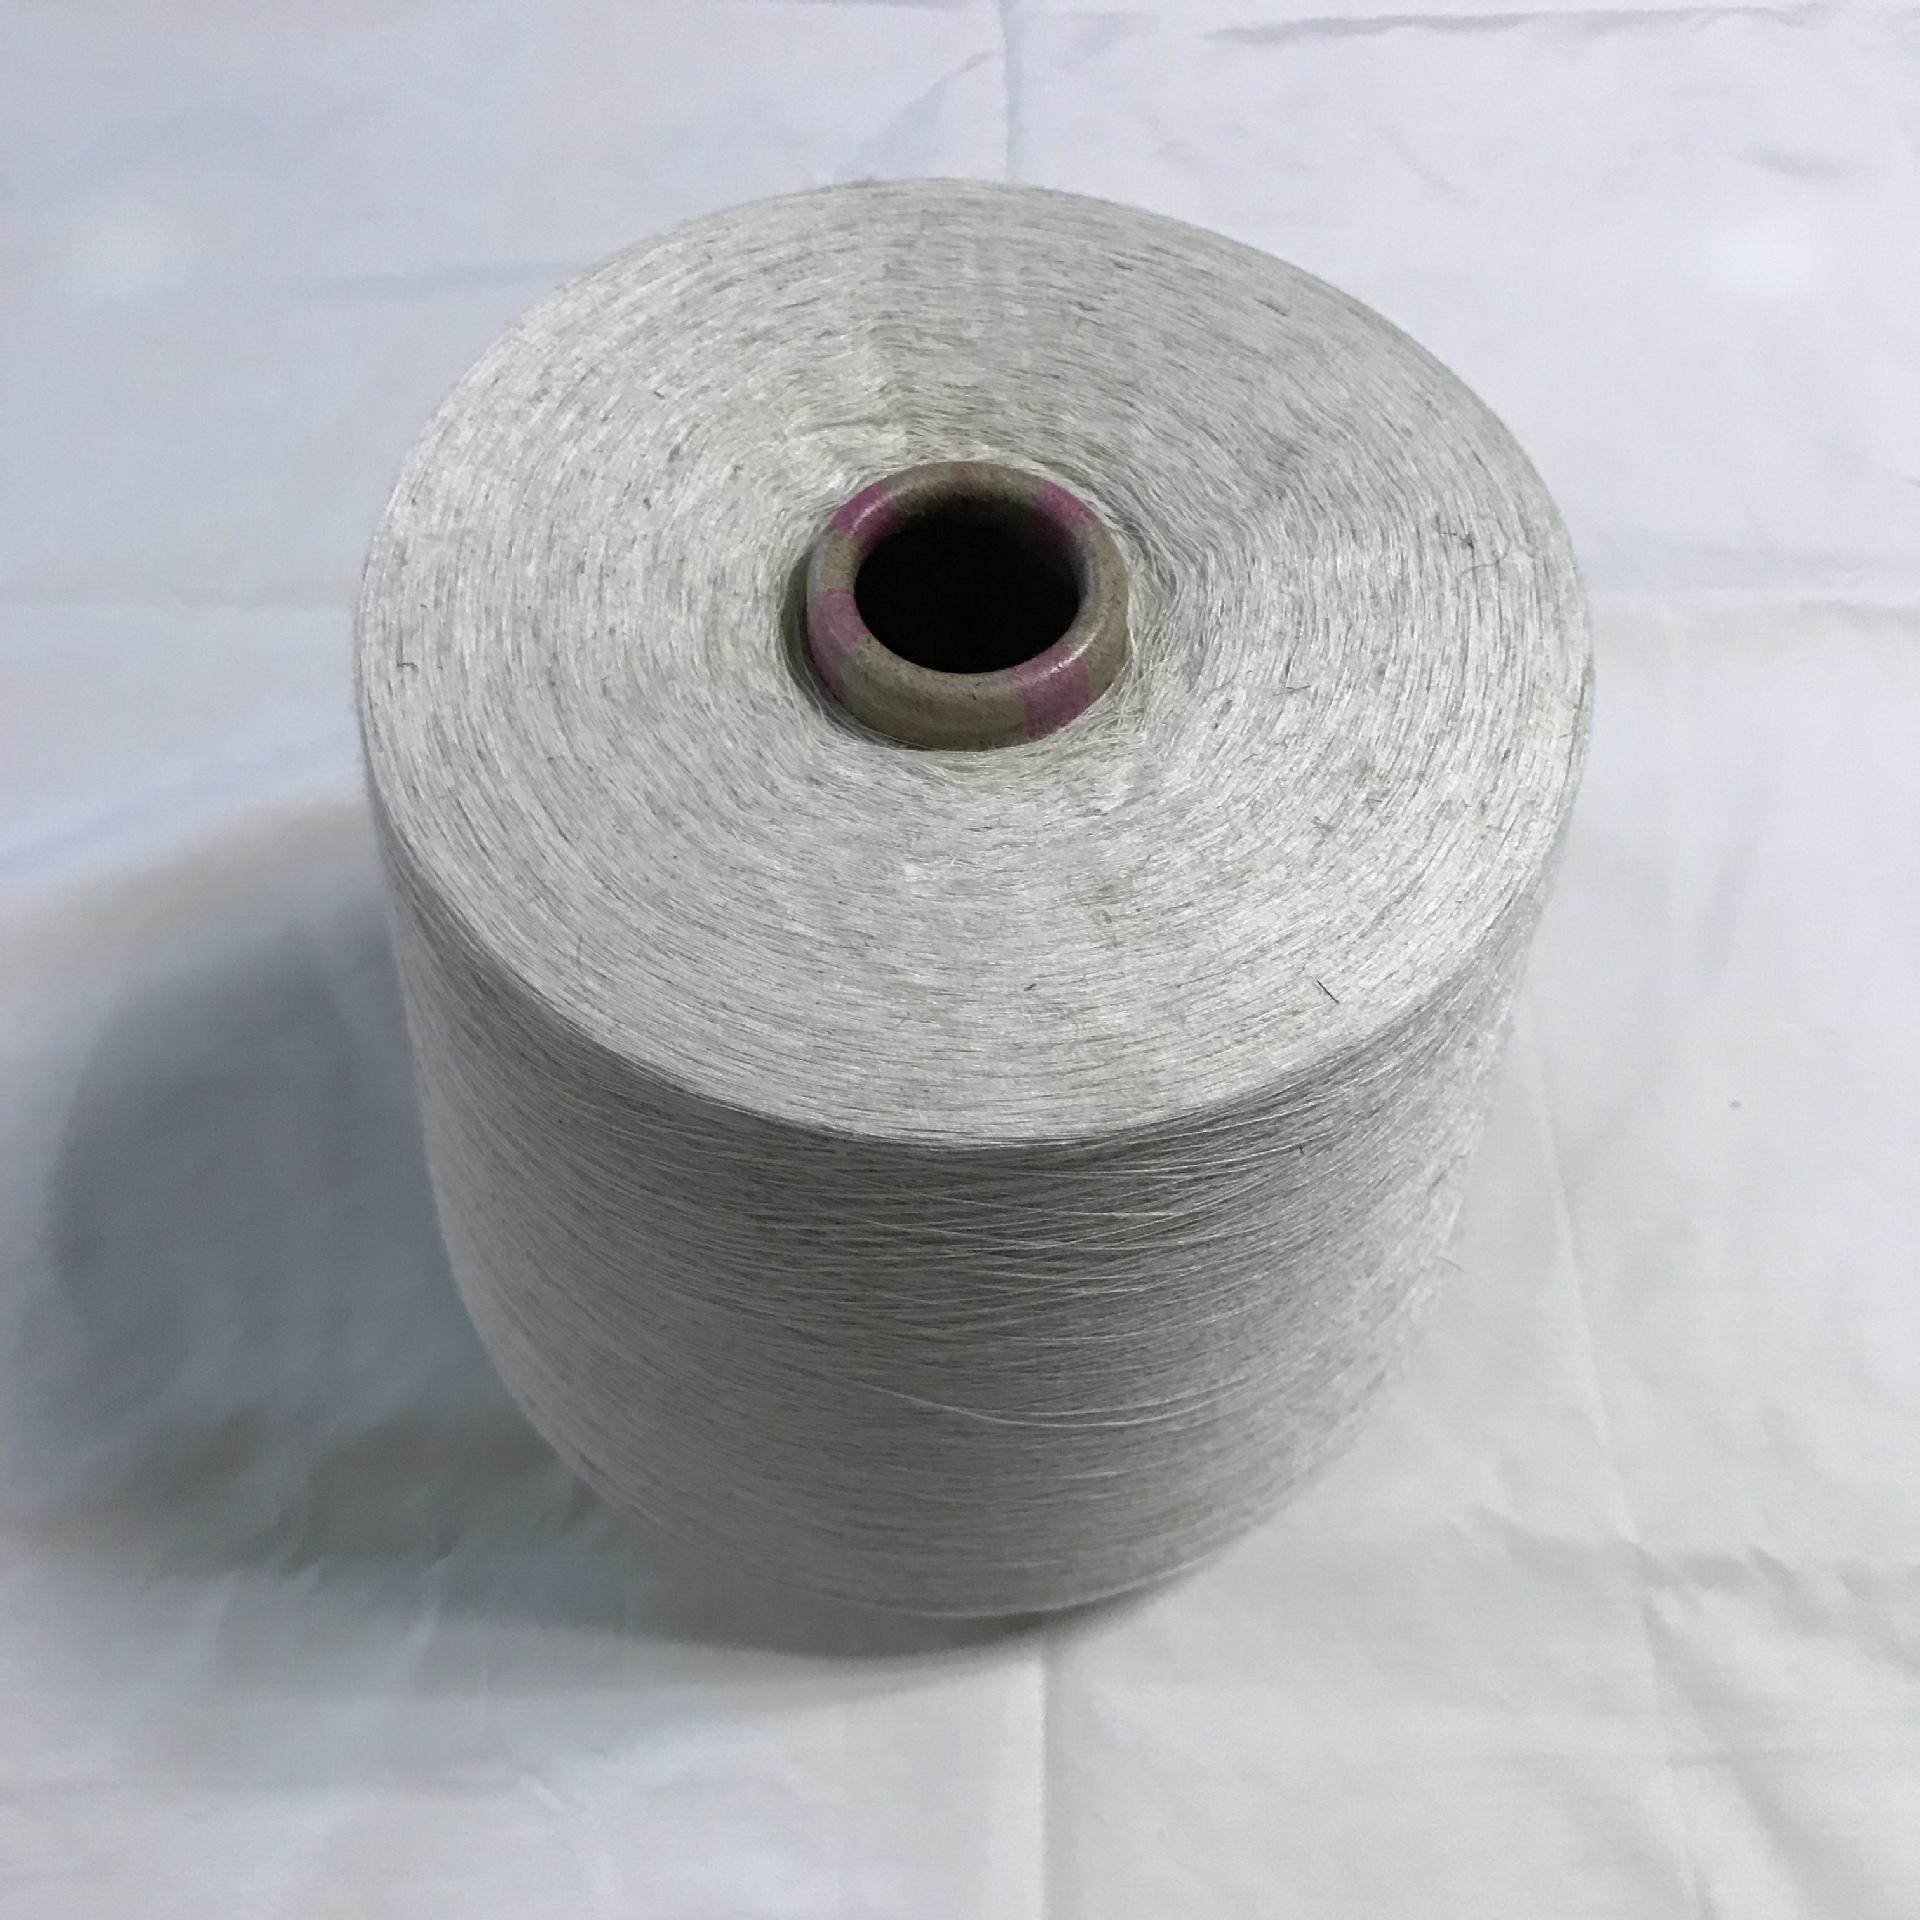 BENHUI Sợi gai Polyester và vải lanh pha trộn TL21s 85/15 Sợi lanh Sợi Ramie Sợi gai dầu thô Polyest